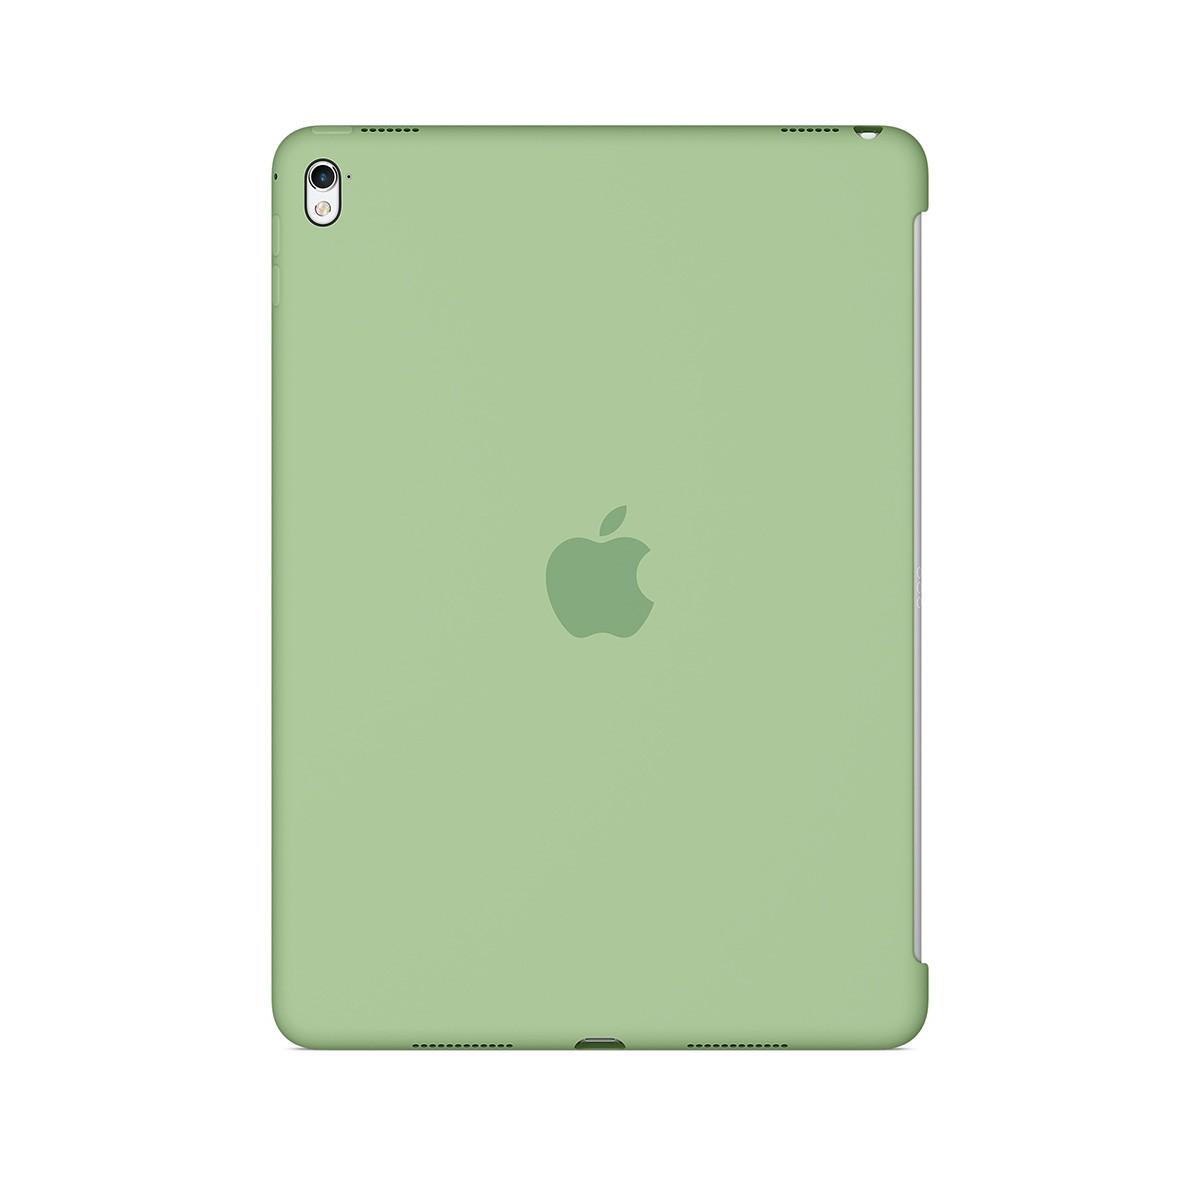 Apple silikonové pouzdro na 9,7palcový iPad Pro - mátově zelené mmg42zm/a